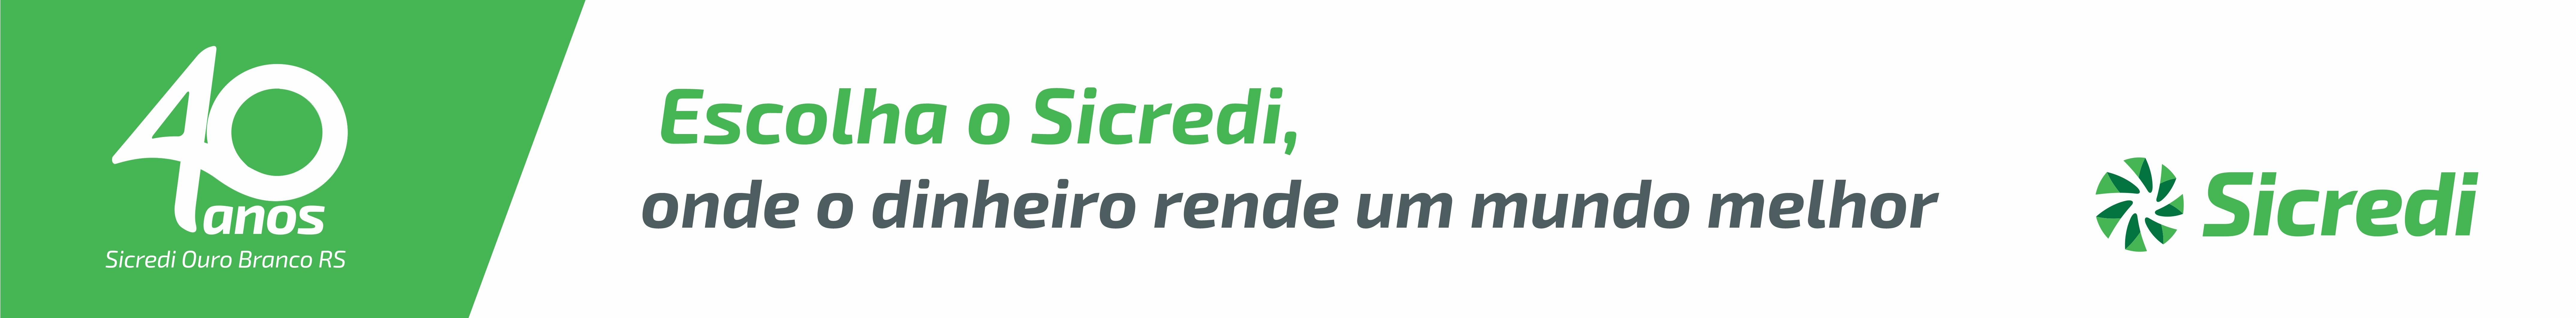 SICREDI9